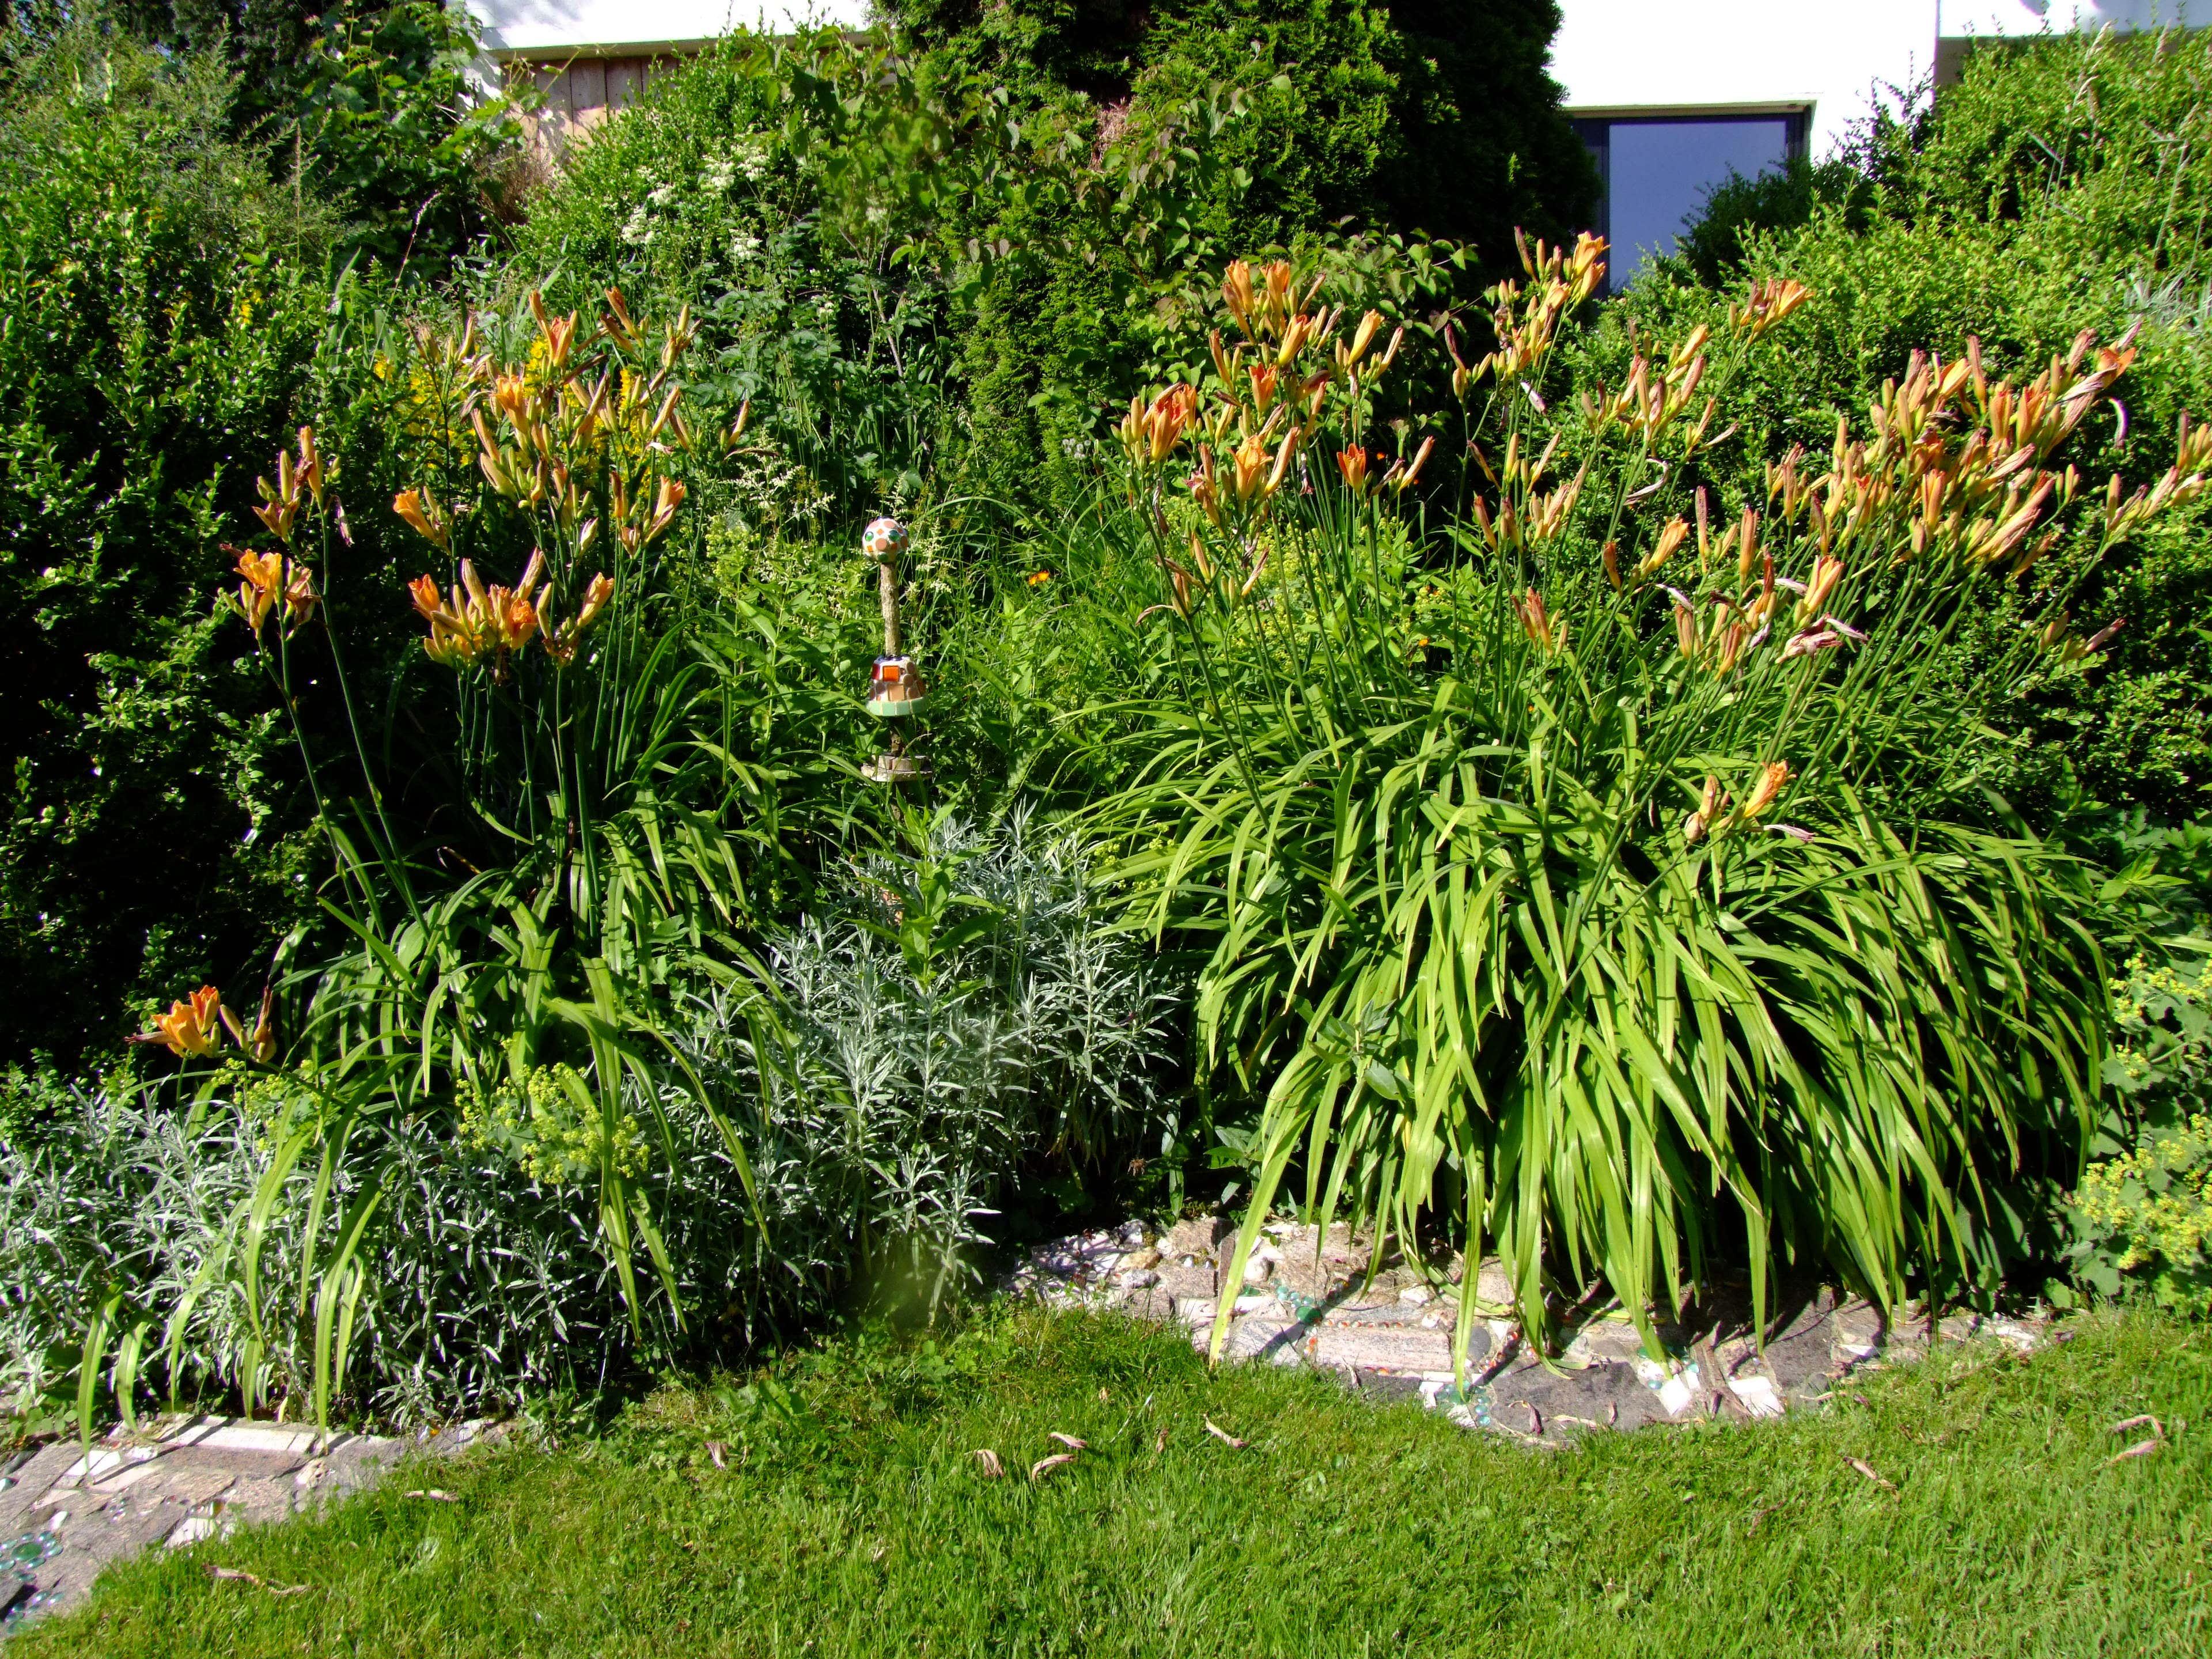 mosaik im garten: deko-inspirationen und tipps, Gartenarbeit ideen